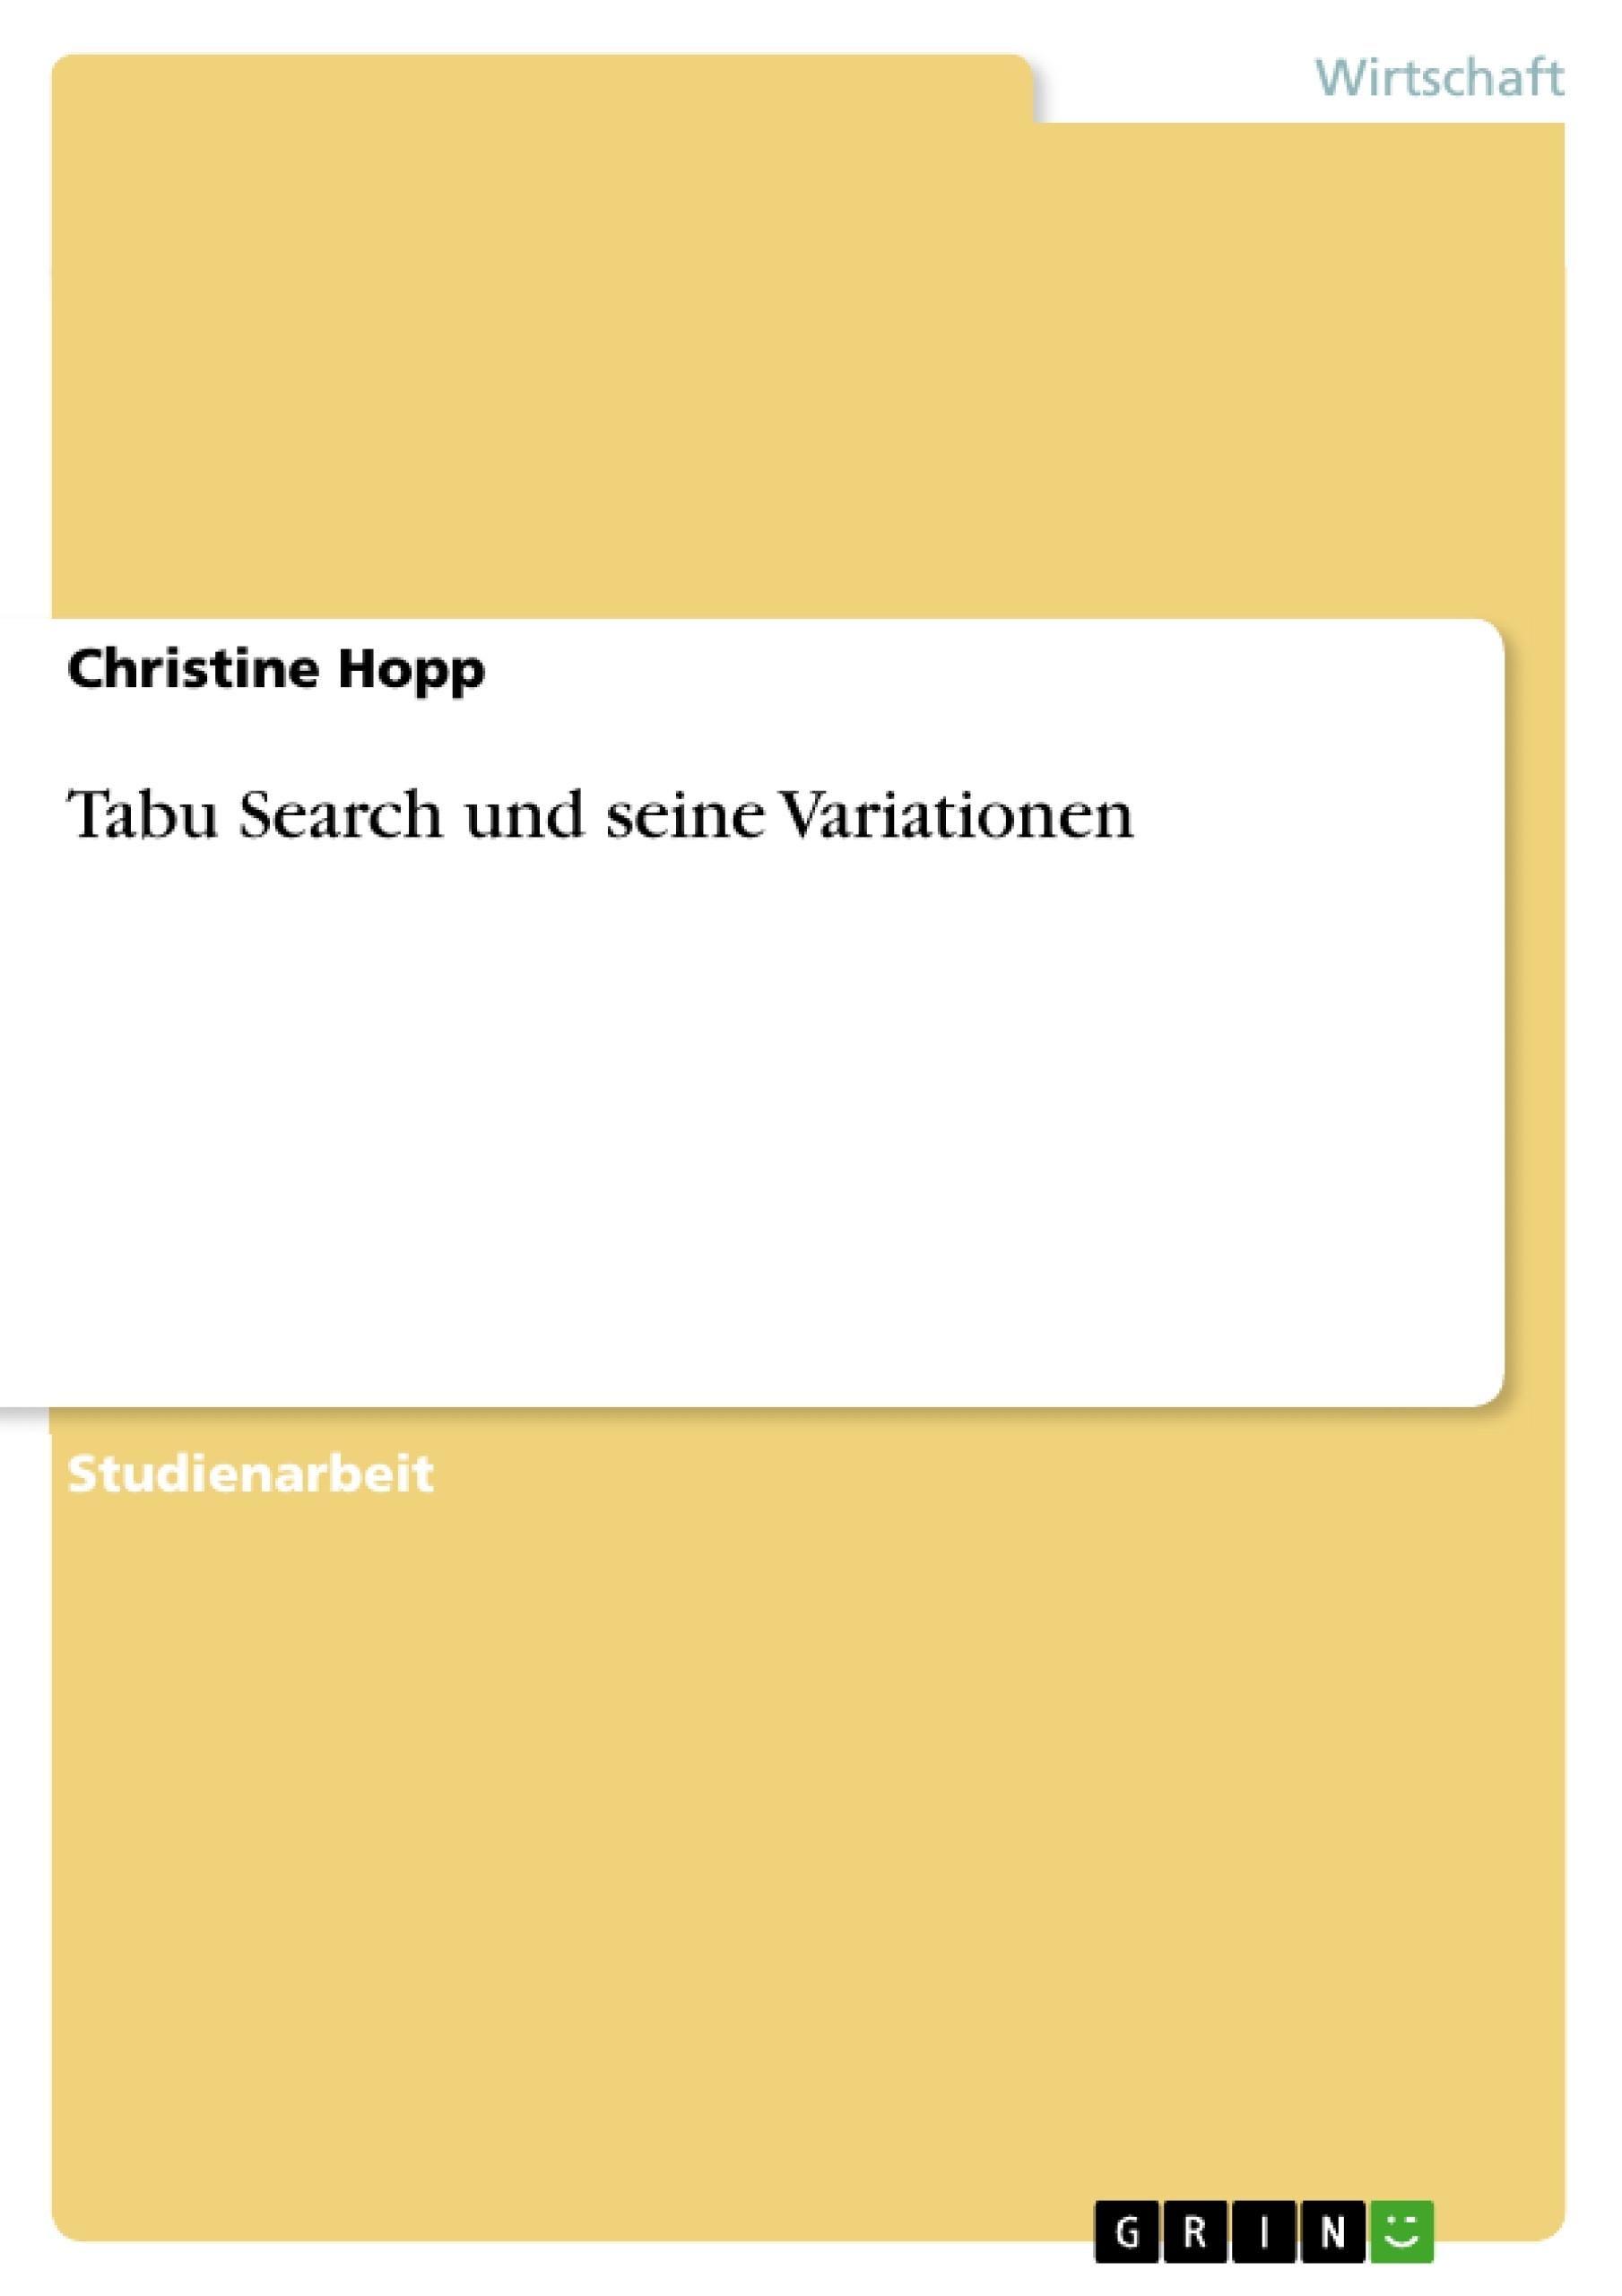 Titel: Tabu Search und seine Variationen